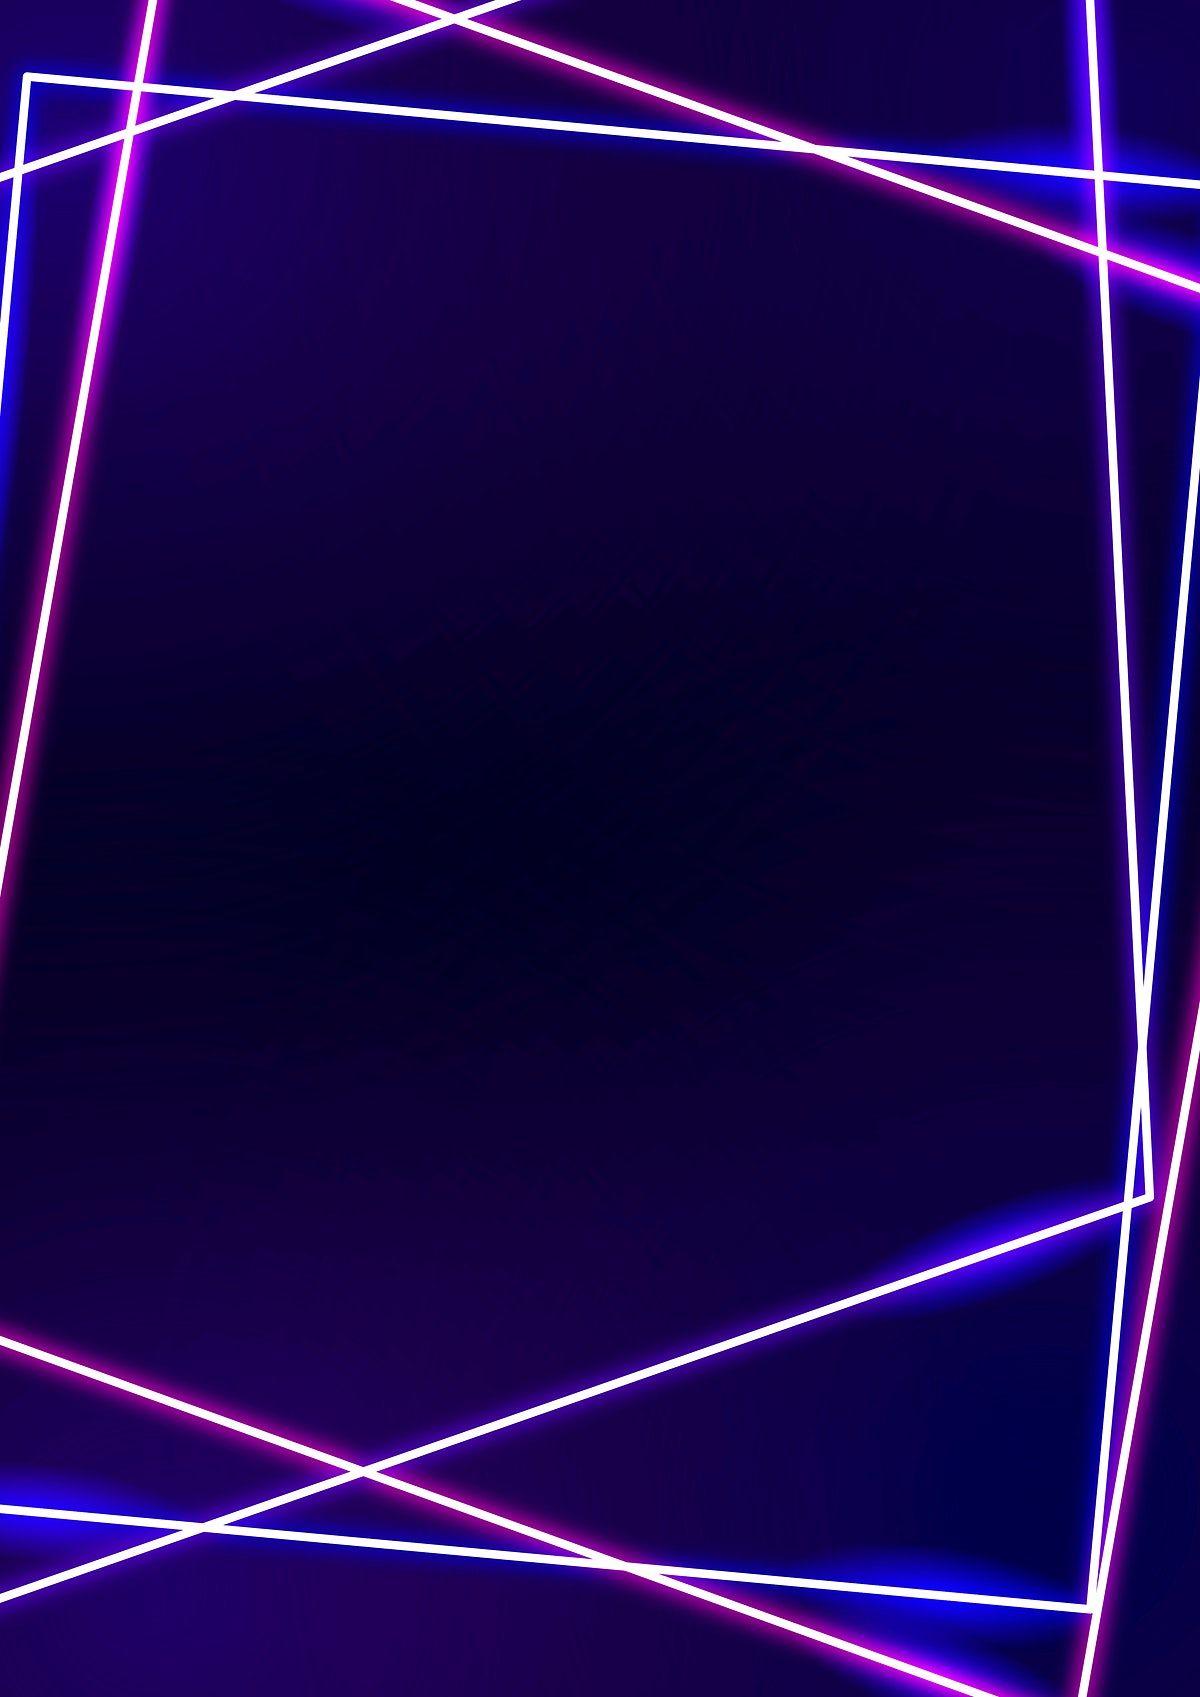 Pink Neon Frame On A Dark Purple Background Vector